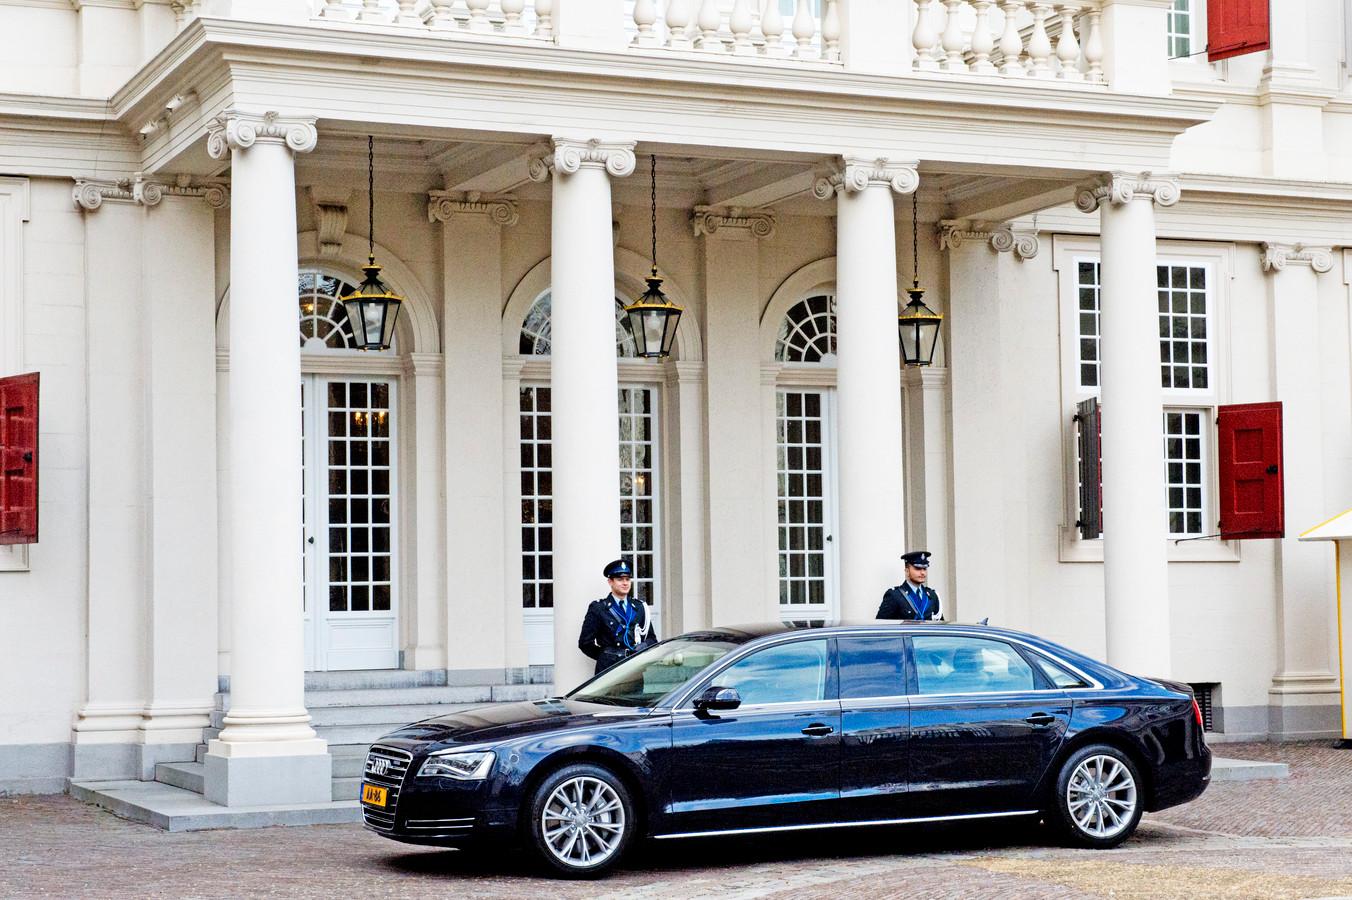 De verlengde Audi A8 van Koning Willem-Alexander.